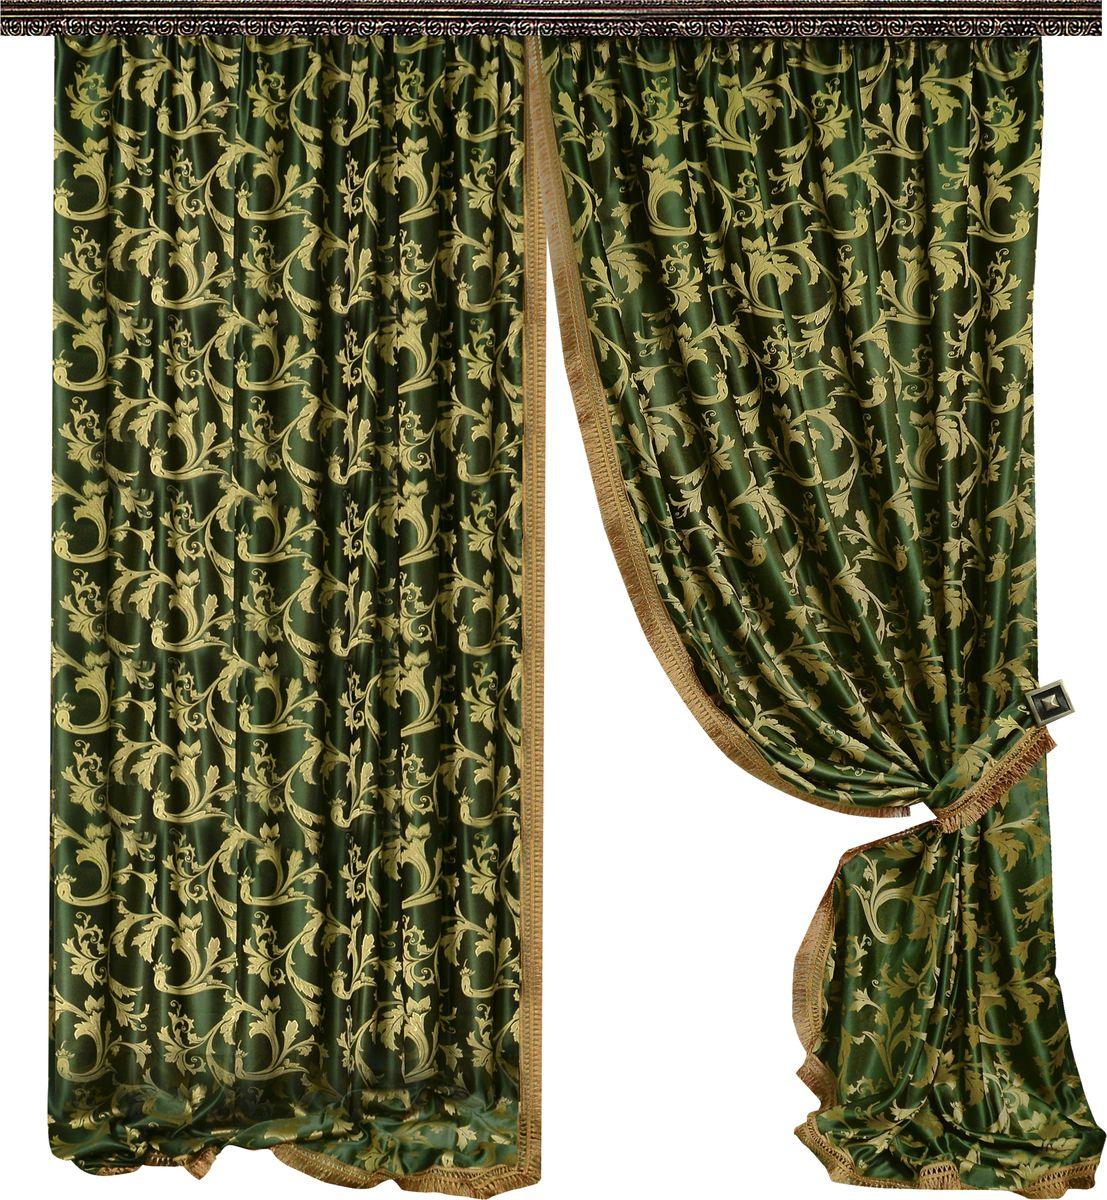 Комплект штор Zlata Korunka, на ленте, цвет: зеленый, высота 270 см. 777064777064Роскошный комплект штор Zlata Korunka комплект состоит из двух штор и двух подхватов, выполненных из 100% полиэстера, которые великолепно украсит любое окно. Край штор отделан тесьмой из бахромы.Плотная ткань, оригинальный орнамент и приятная, приглушенная гамма привлекут к себе внимание и органично впишутся в интерьер помещения. Комплект крепится на карниз при помощи шторной ленты, которая поможет красиво и равномерно задрапировать верх.Этот комплект будет долгое время радовать вас и вашу семью! В комплект входит: Штора: 2 шт. Размер (ШхВ): 160 см х 270 см. Подхват: 2 шт.